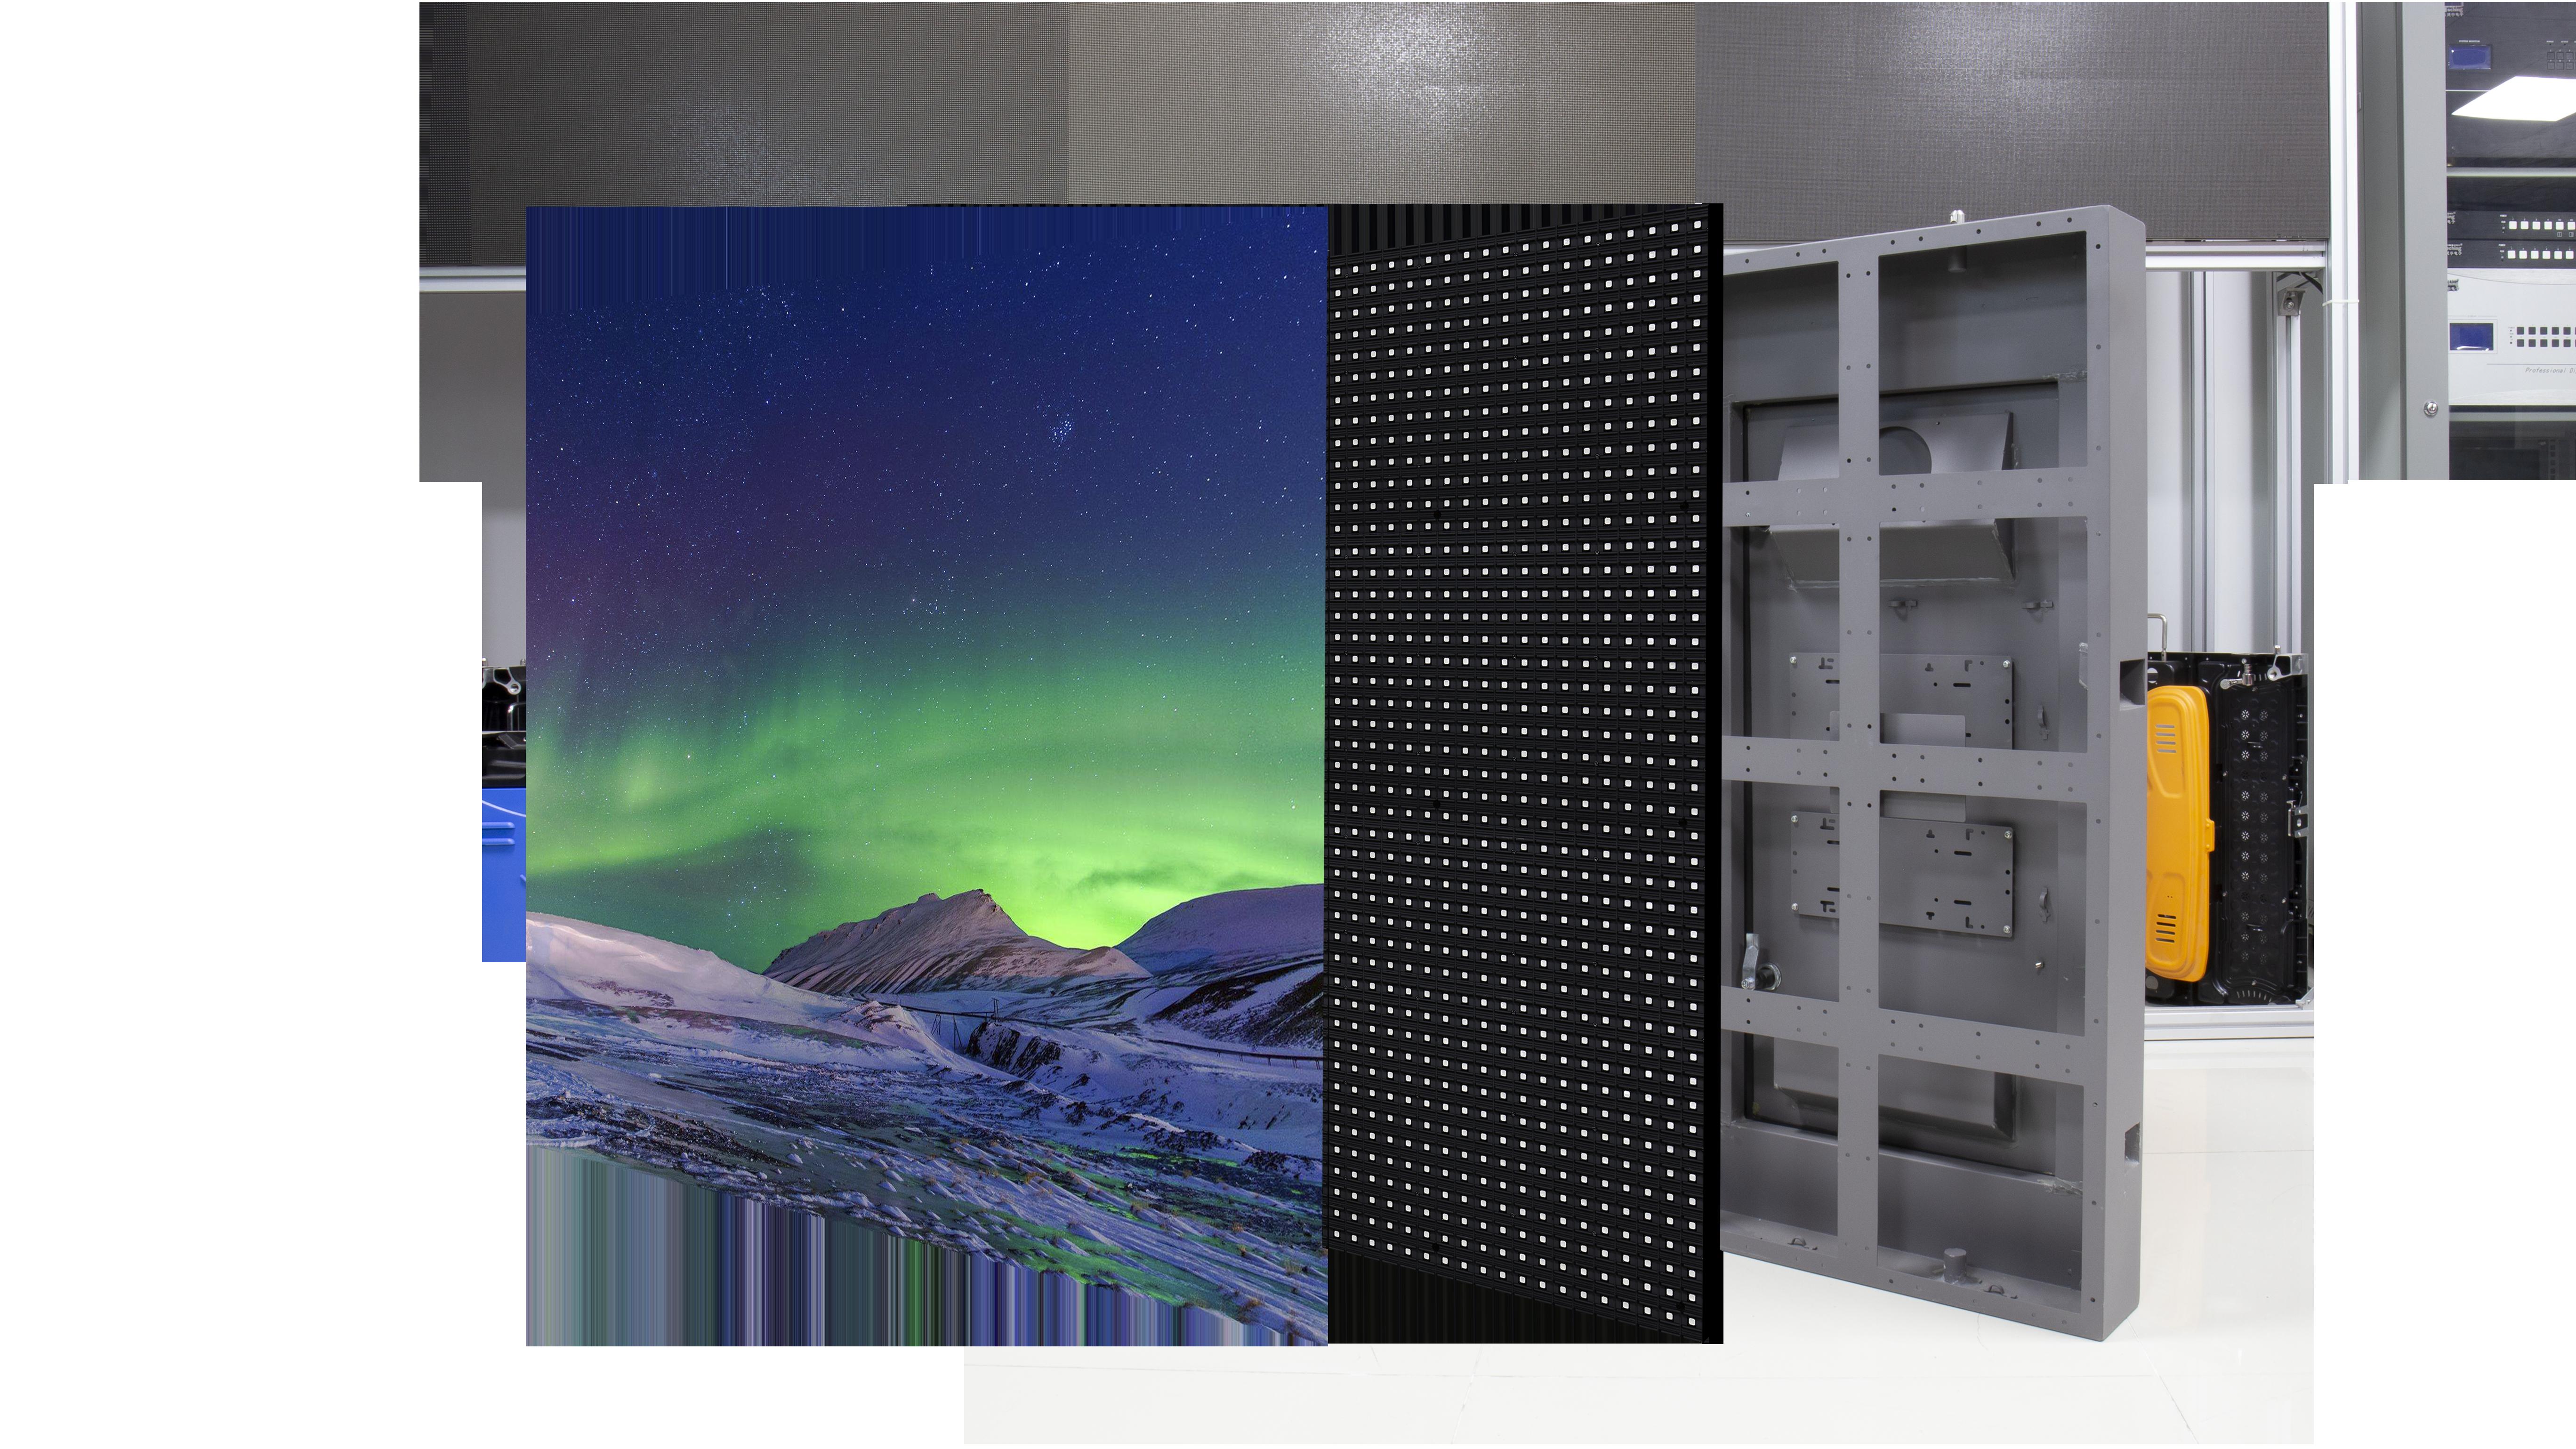 SparkLED Digital Screen Cabinet